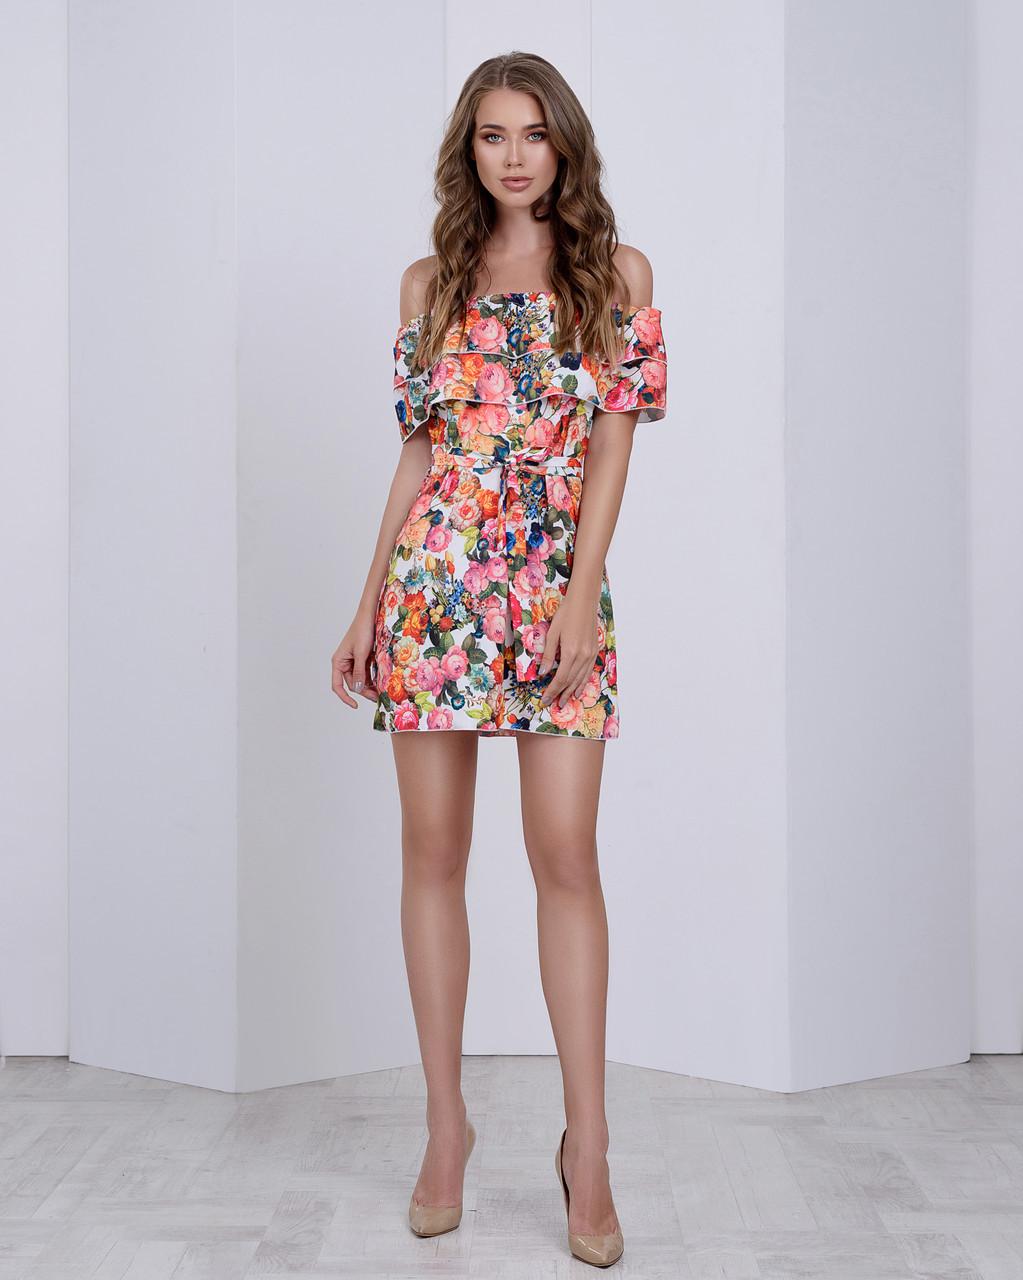 b2dda0819ed86c5 Цветочное шифоновое платье с двумя рюшами, цена 435 грн., купить в ...